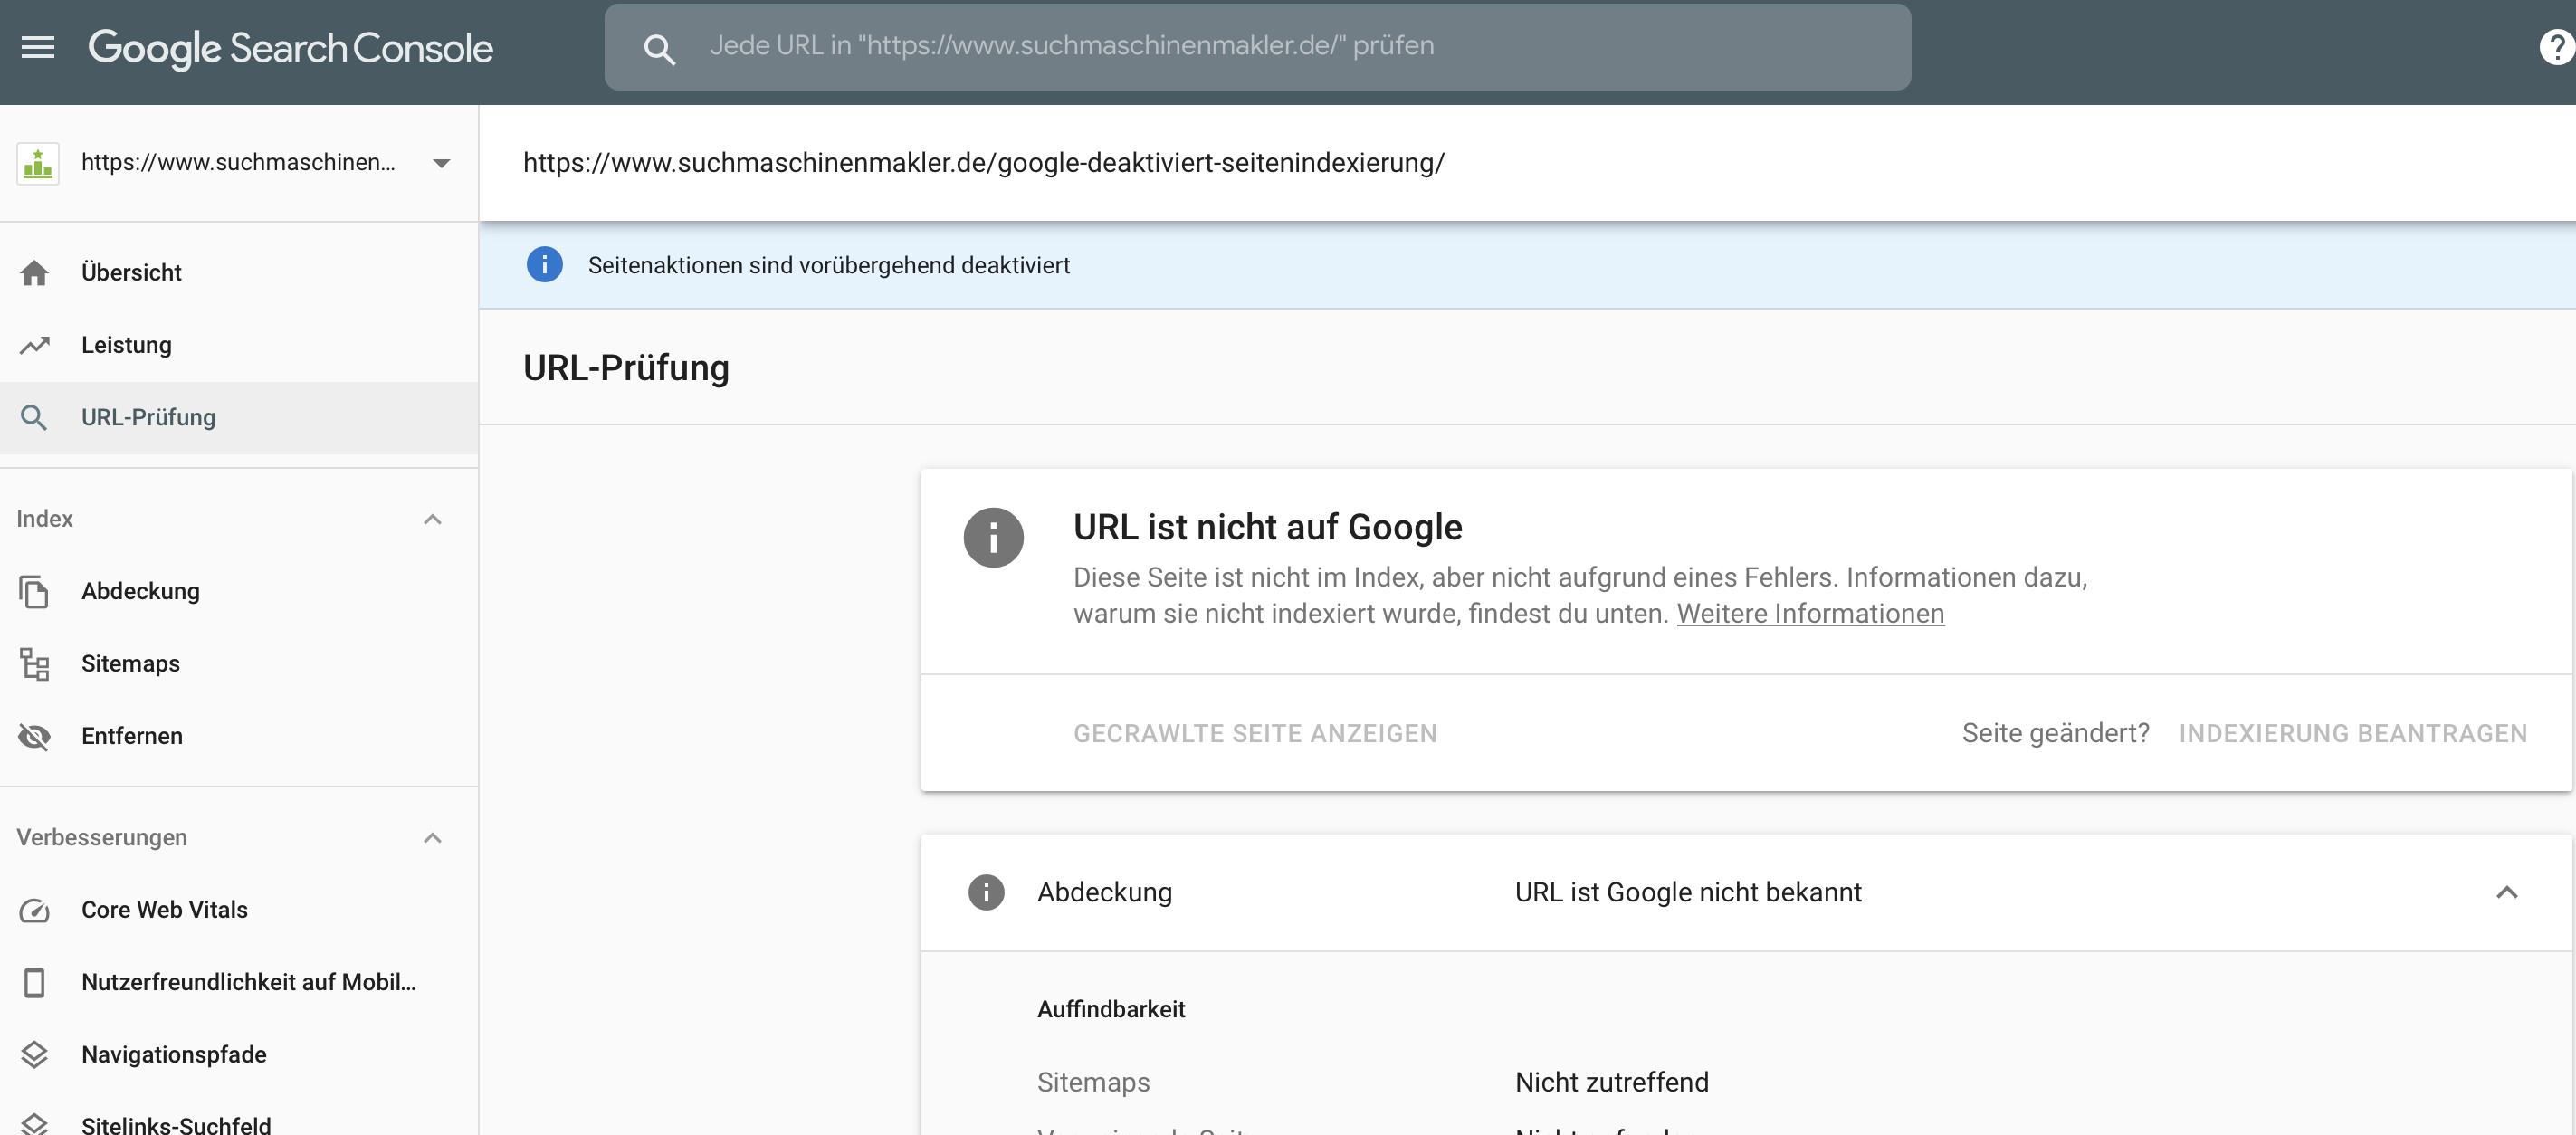 Google deaktiviert Indexierung